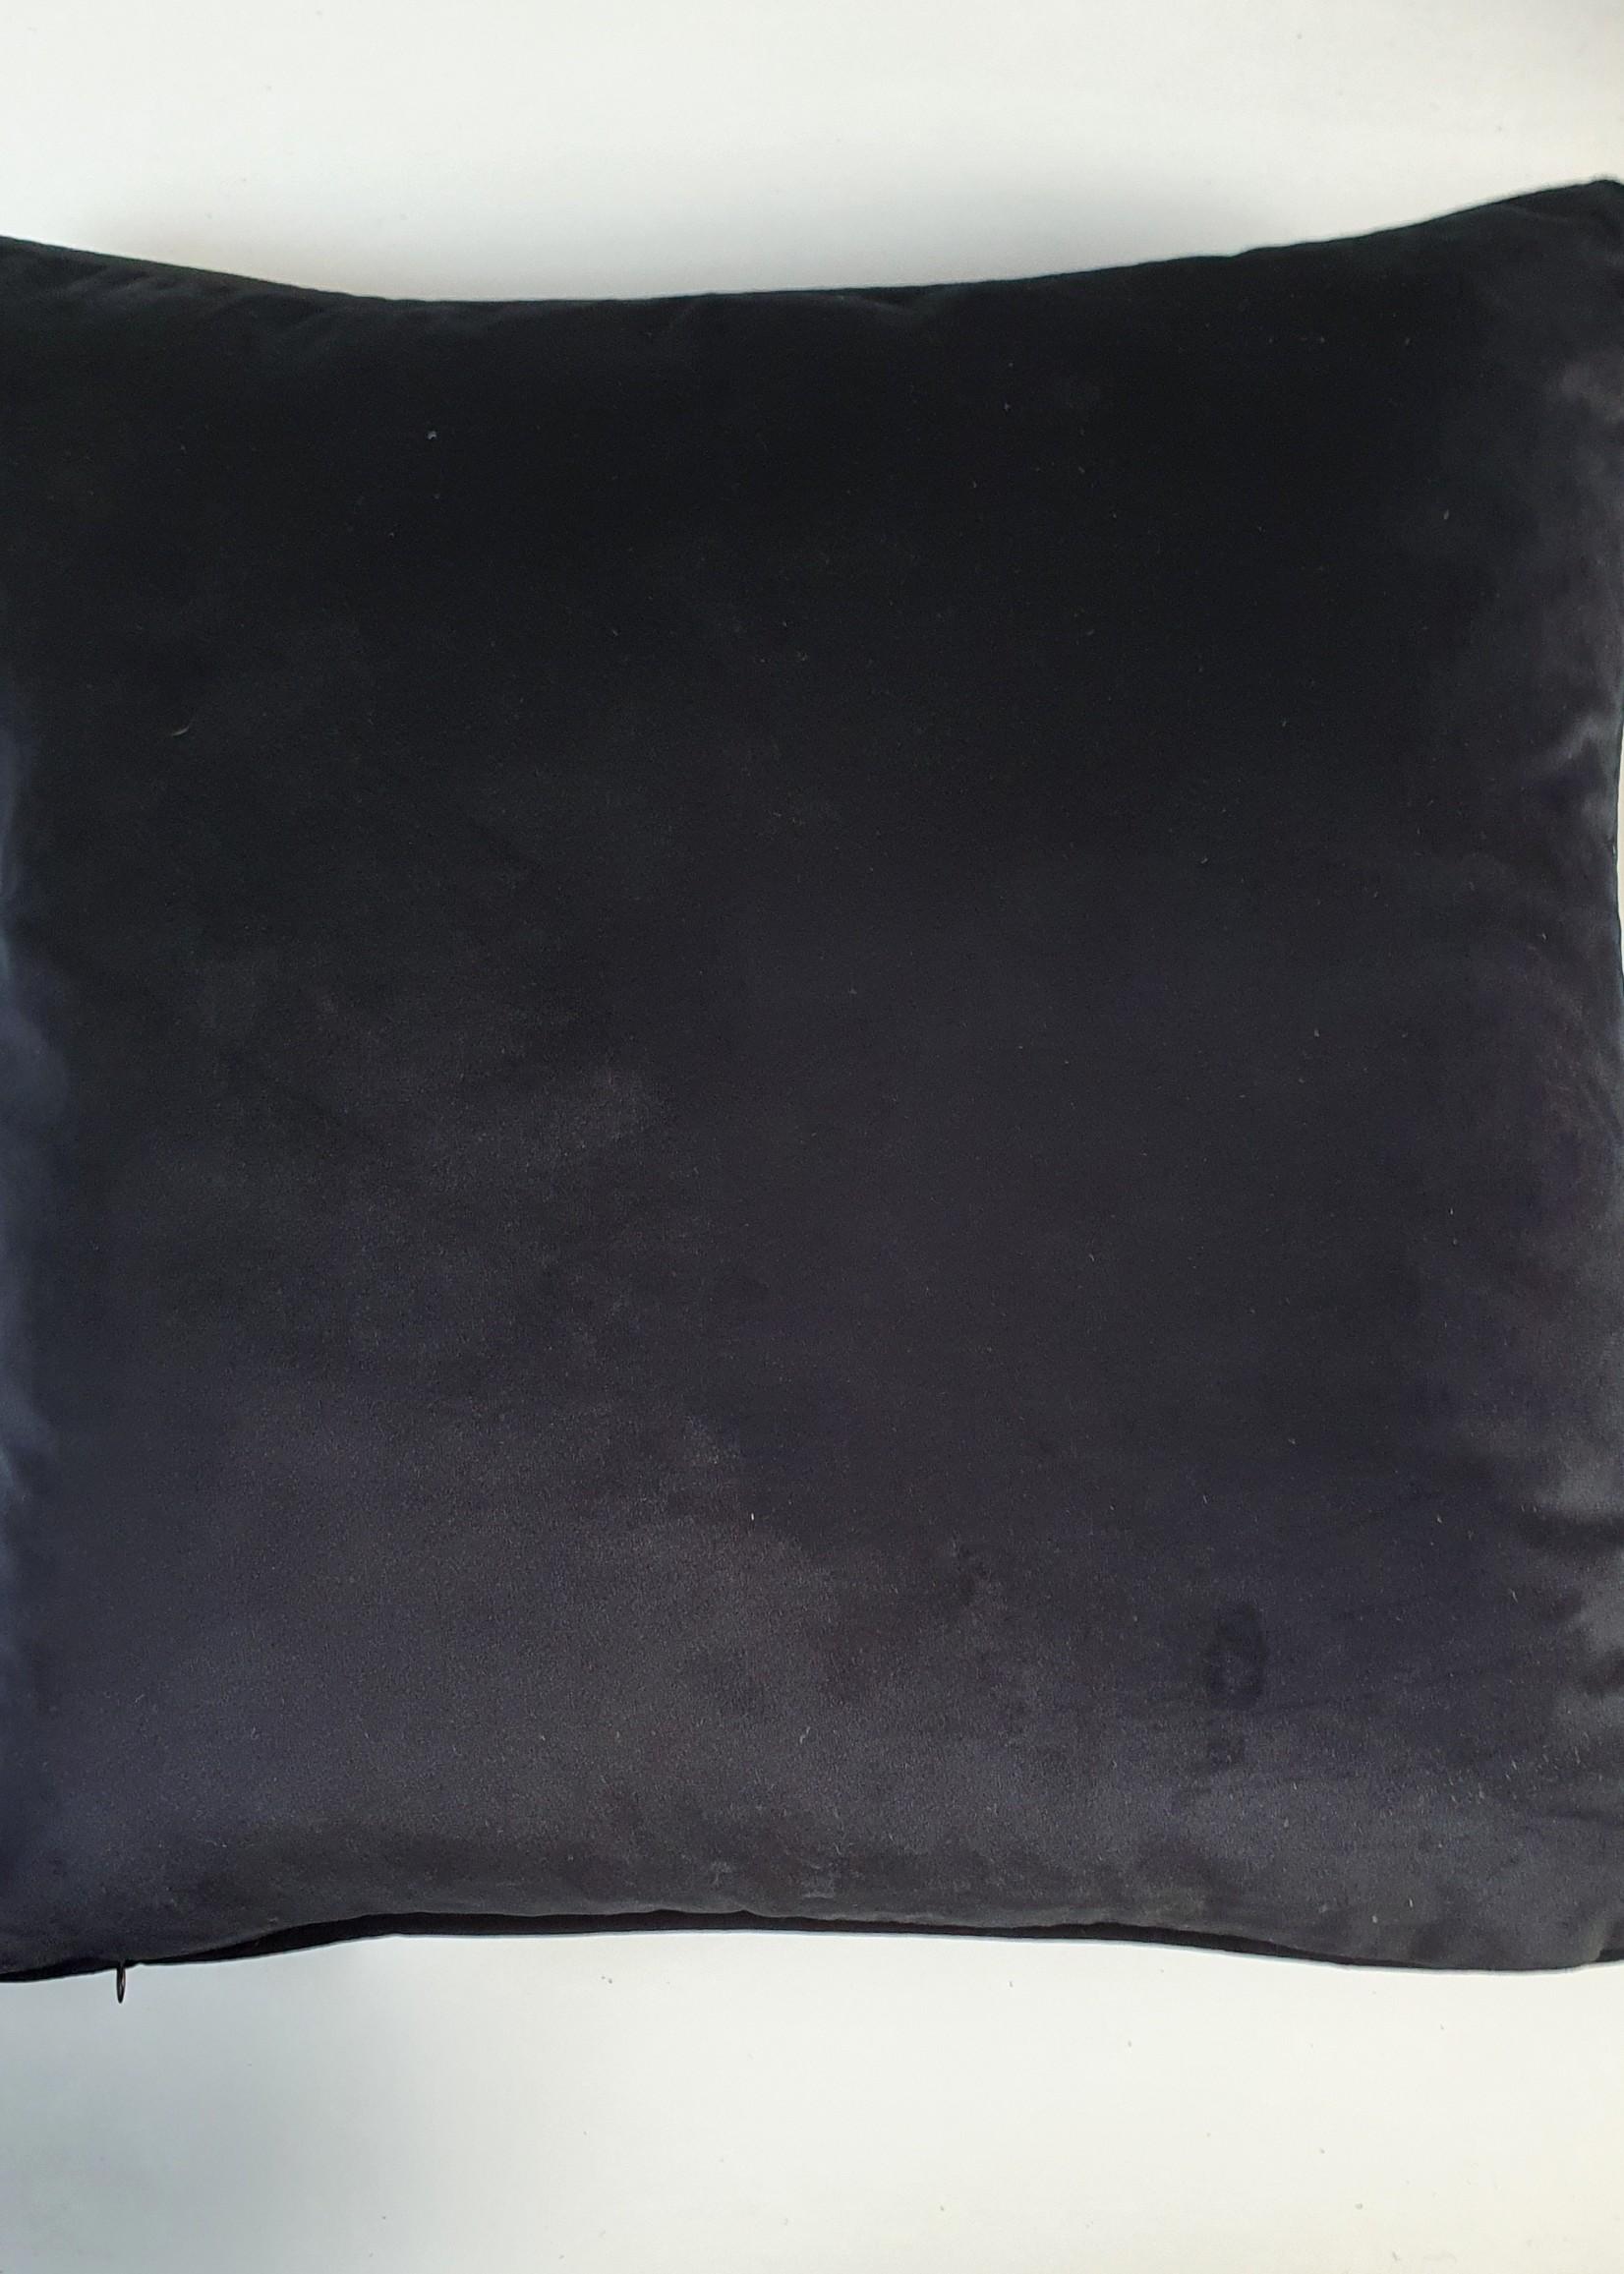 EIGHTMOOD Colibri, Cushion, W45xL45cm, Black